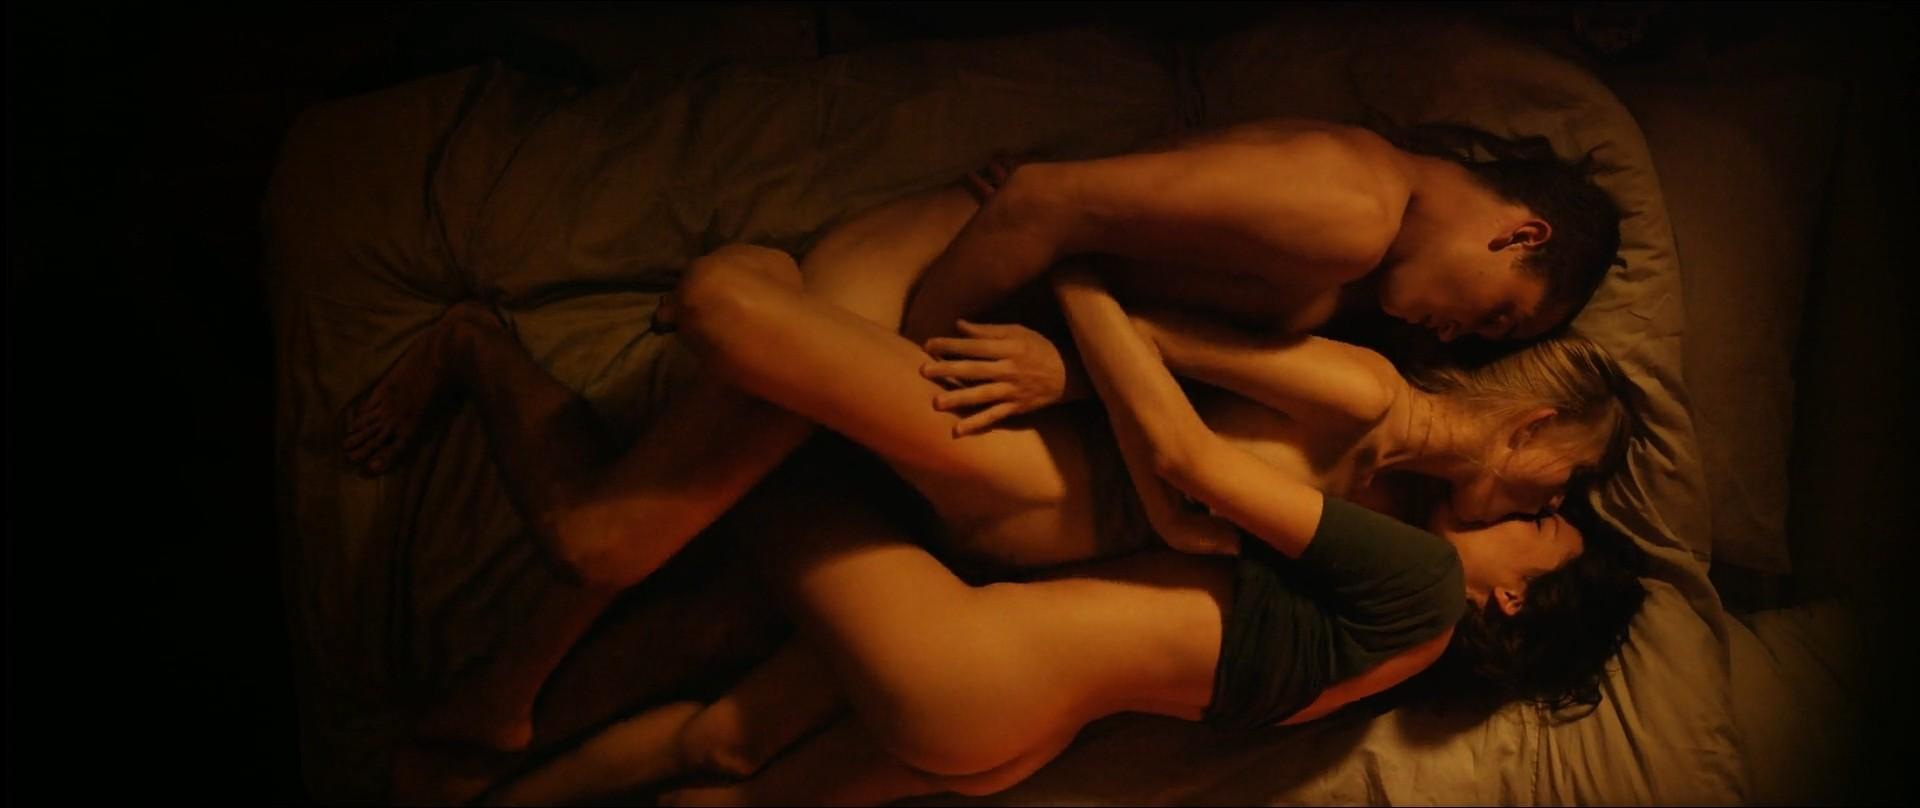 Эротика красивые фильмы о любви